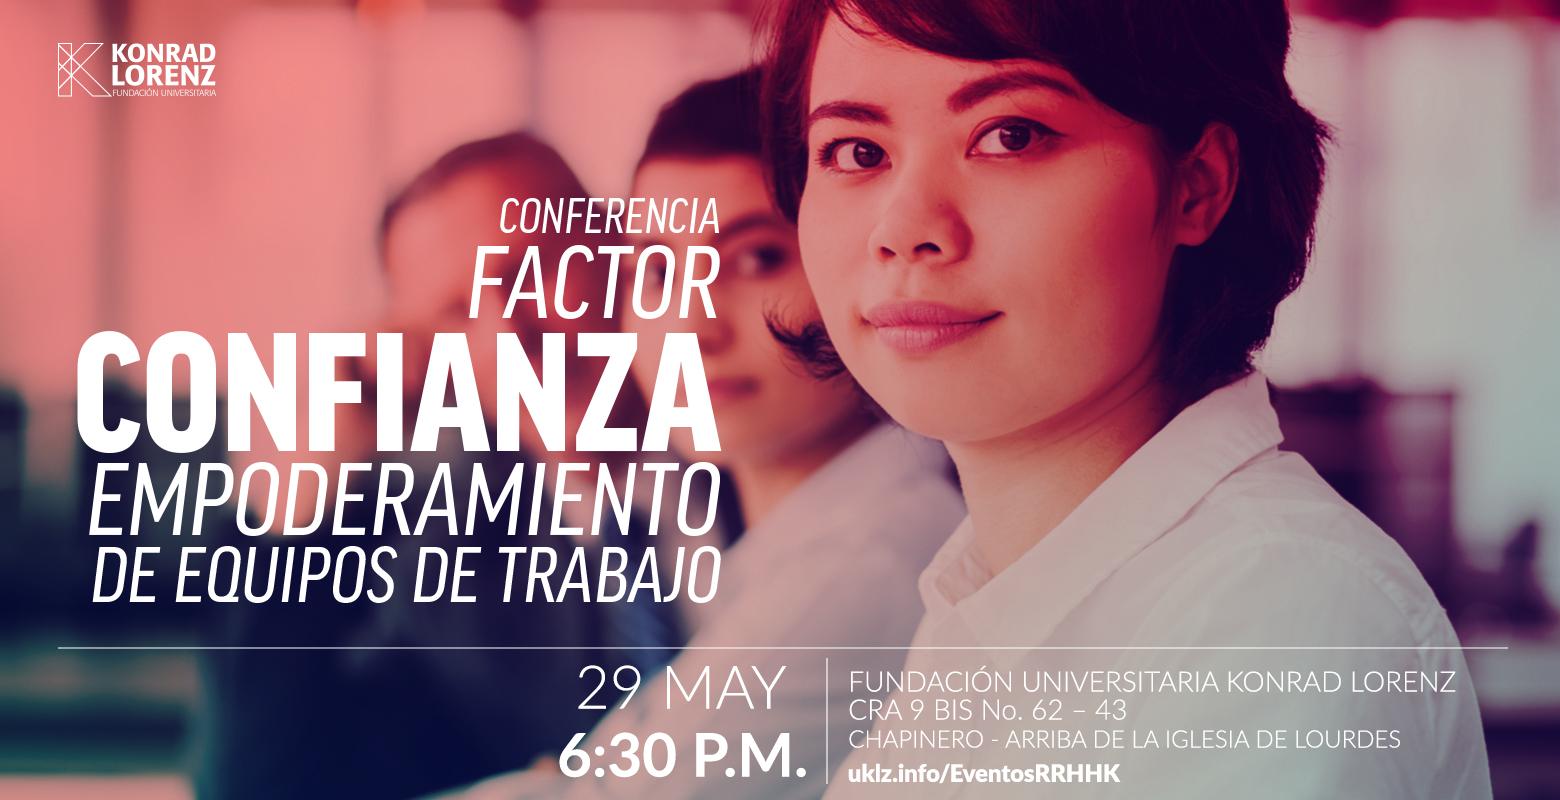 Conferencia: Factor Confianza: Empoderamiento de equipos de trabajo